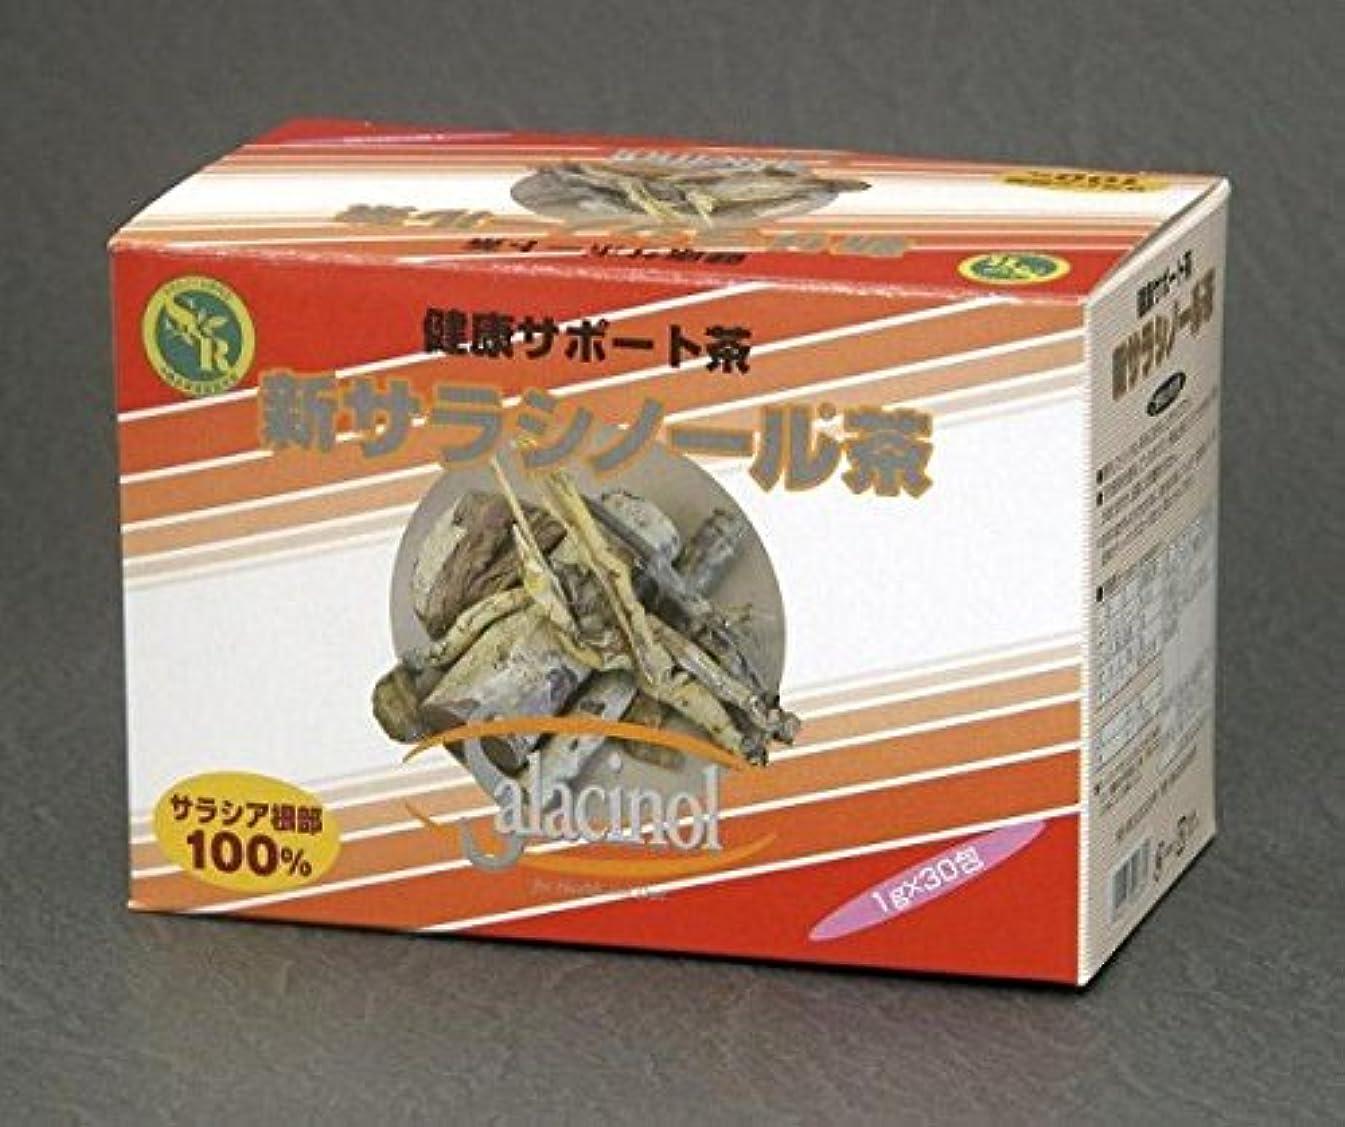 乳パット意志に反する新サラシノール茶 1×30包